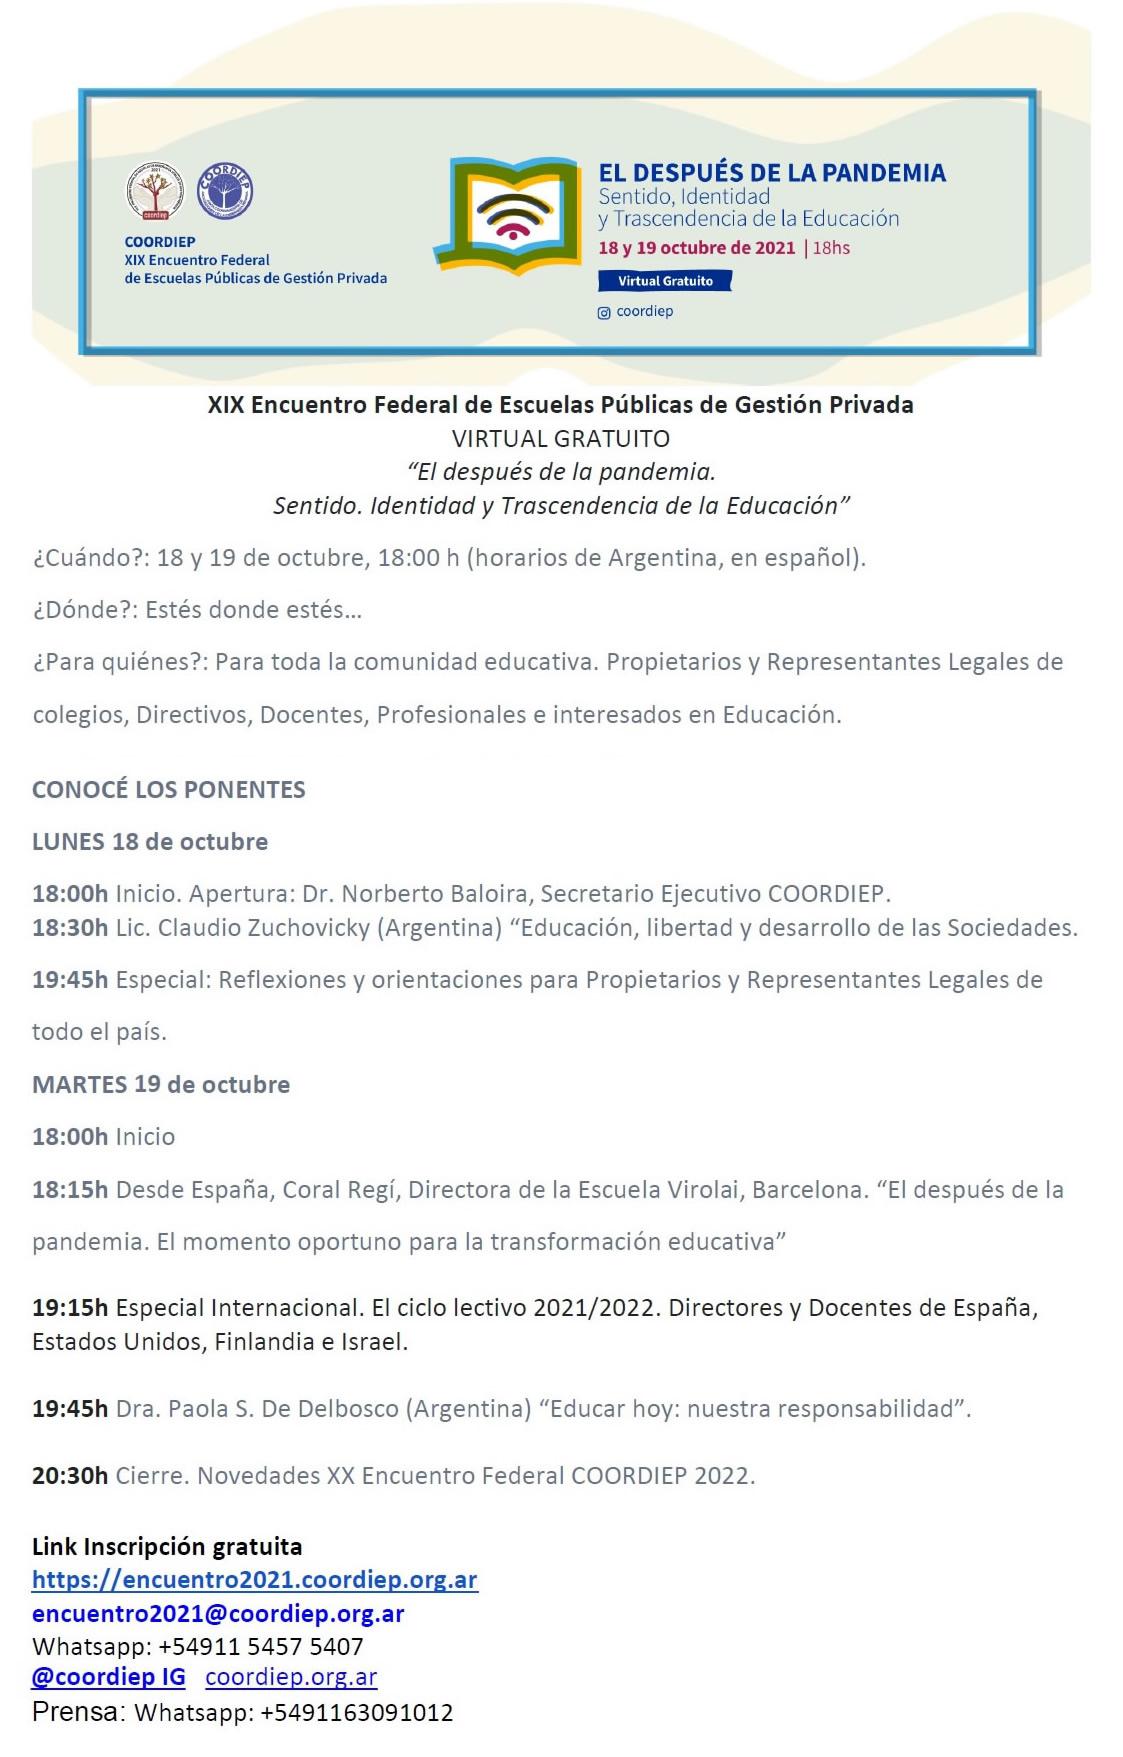 COORDIEP 2021 - Programa del XIX Encuentro Federal